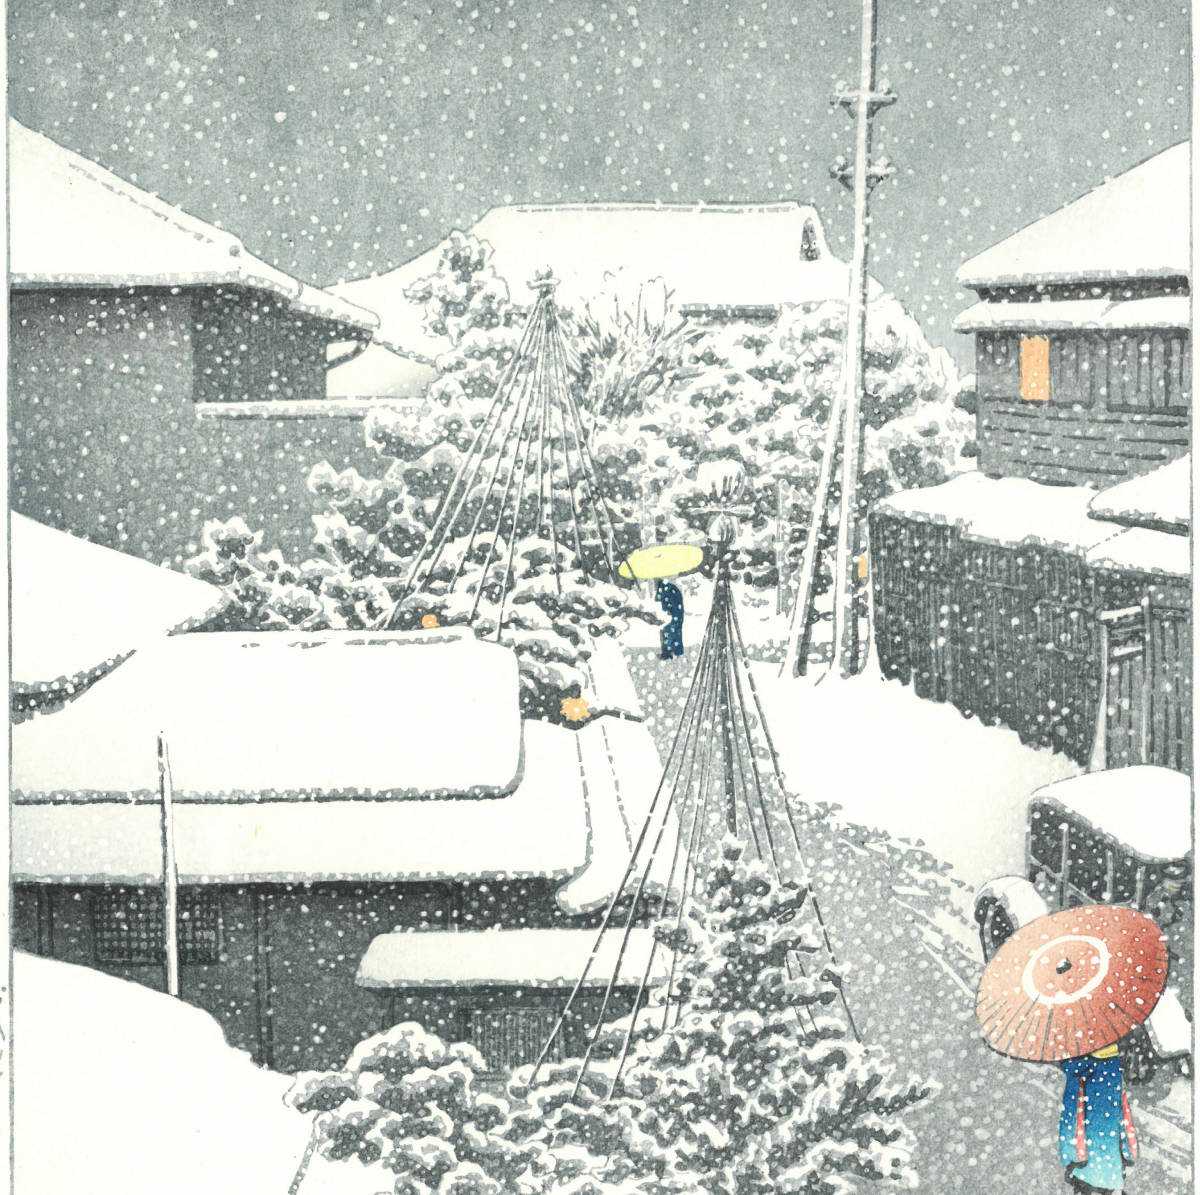 川瀬巴水 木版画  HKS-16 代地の雪  初版 1925年 大正14年2月 (新版画) 一流の摺師の技をご堪能下さい。_画像7